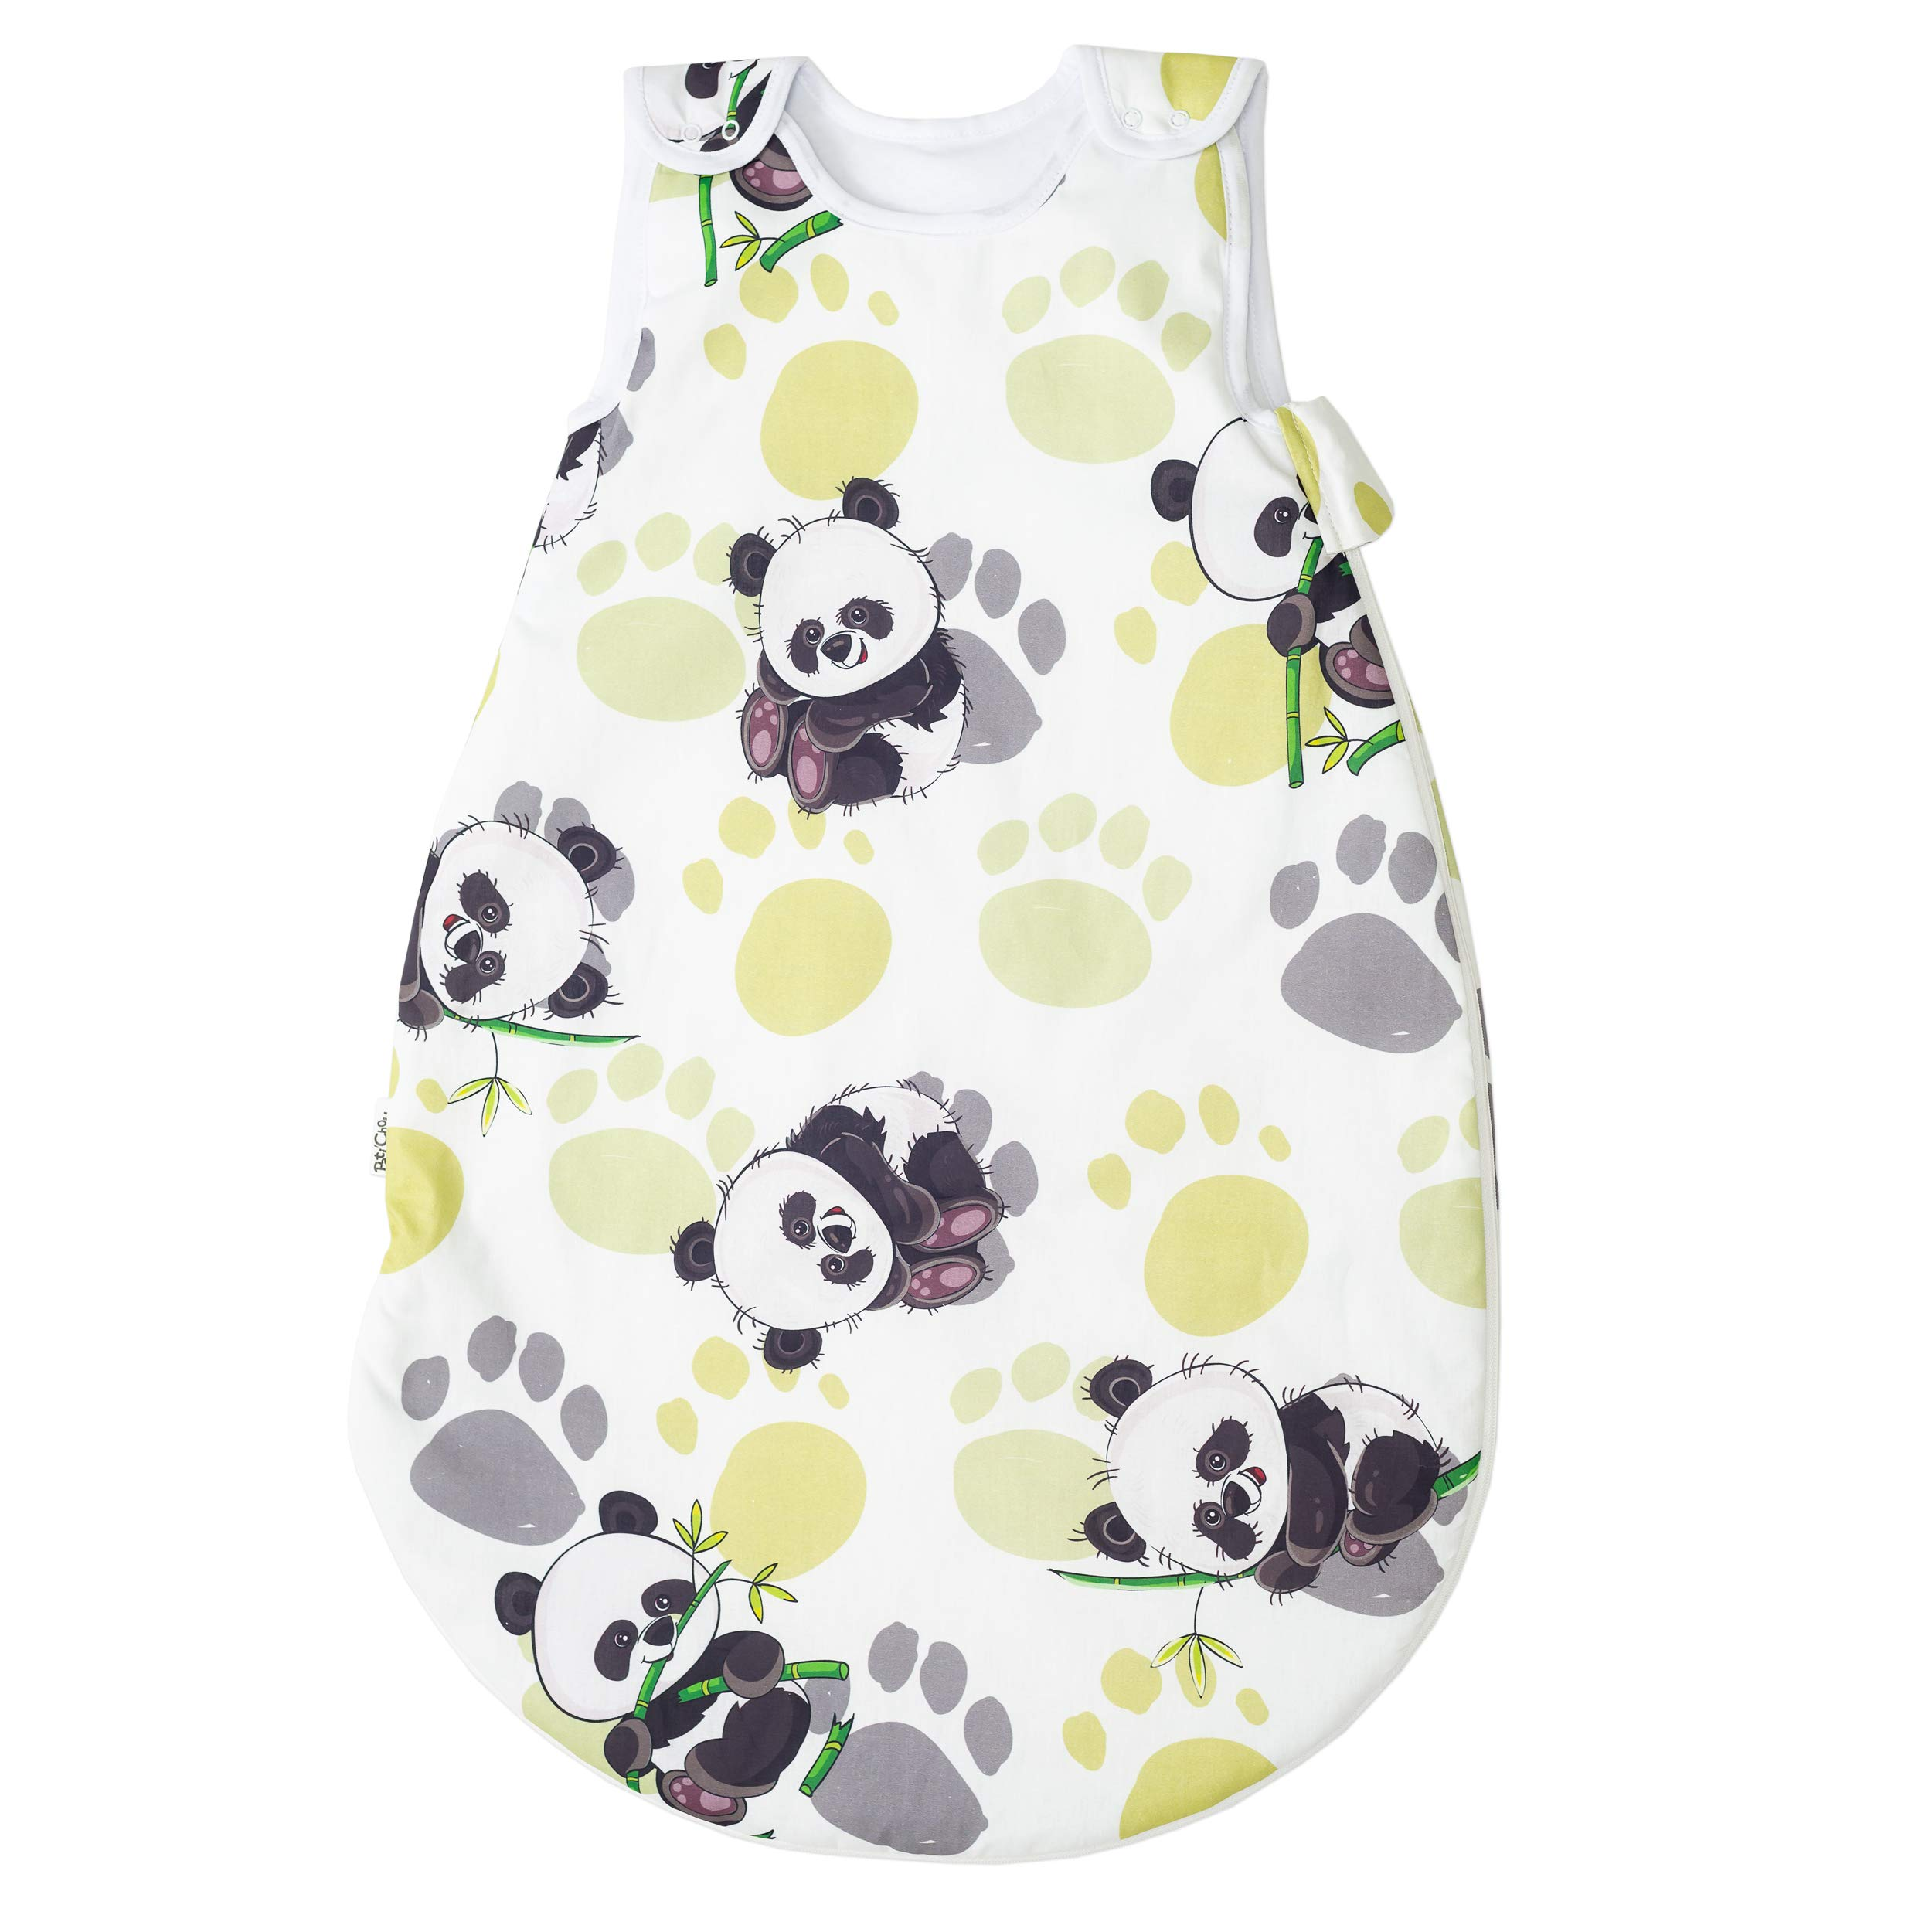 Bambú panda Pati'Chou 100% Algodón Sacos de dormir para bebés 0-6 meses (68 cm, 0.5 tog) – verano